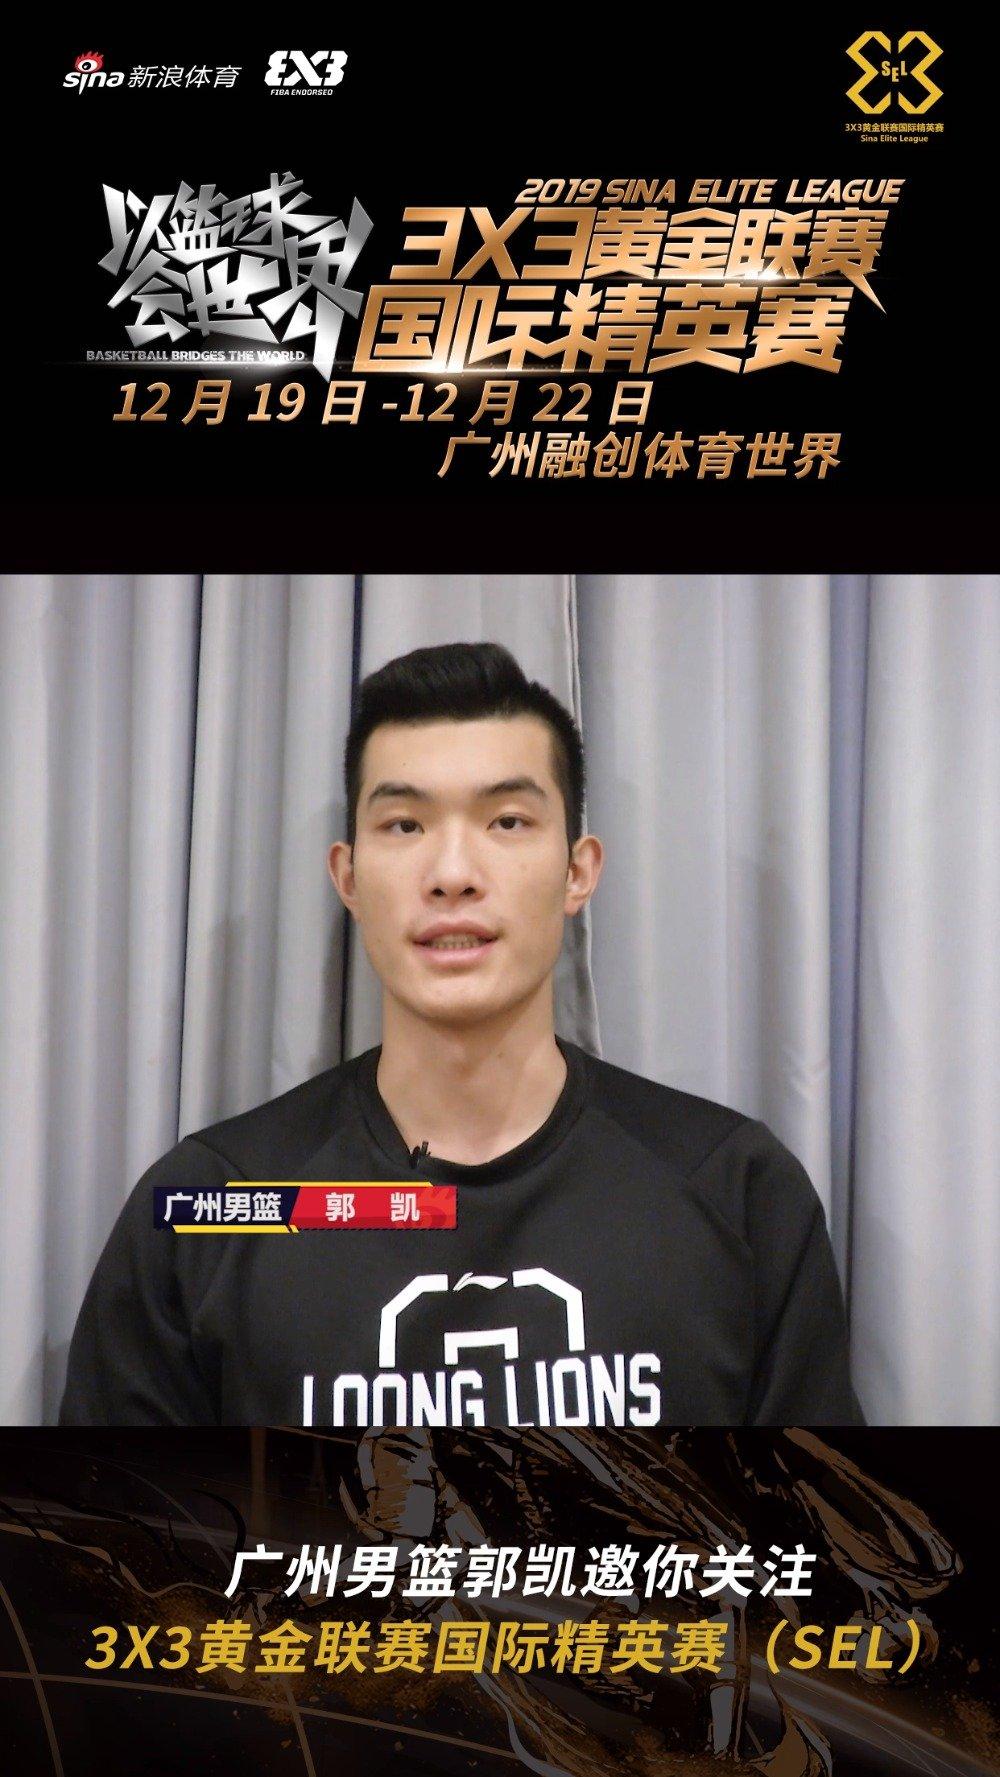 12月20日-22日,2019年 国际精英赛将在广州打响,世界3X3豪强齐聚